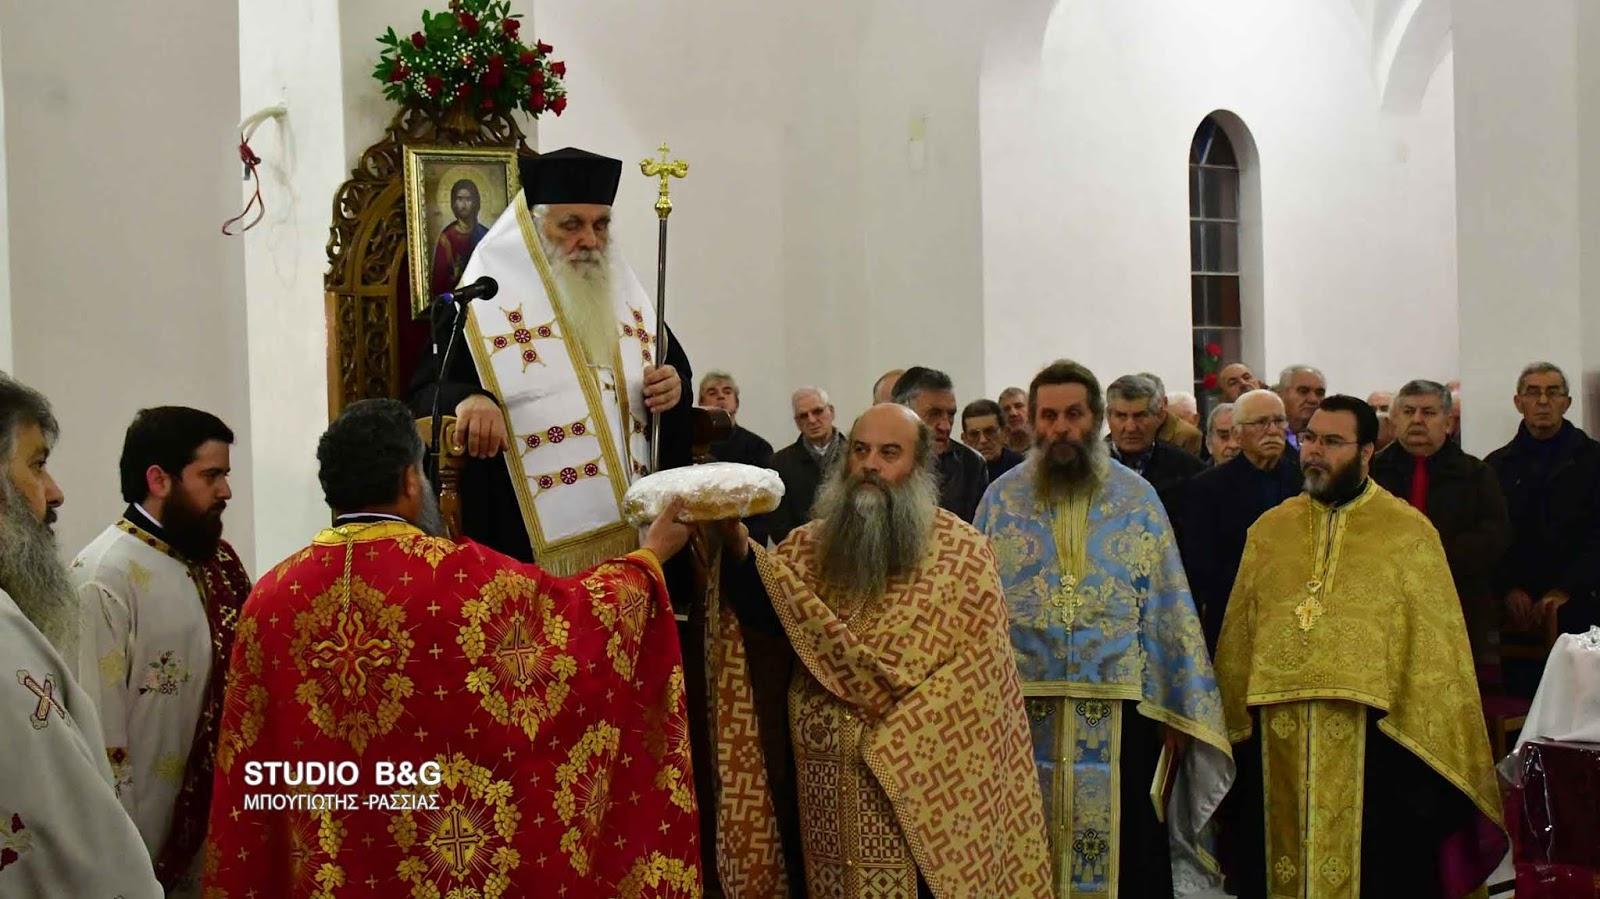 Η εορτή της Αγίας Βαρβάρας στον Ίναχο Αργολίδος